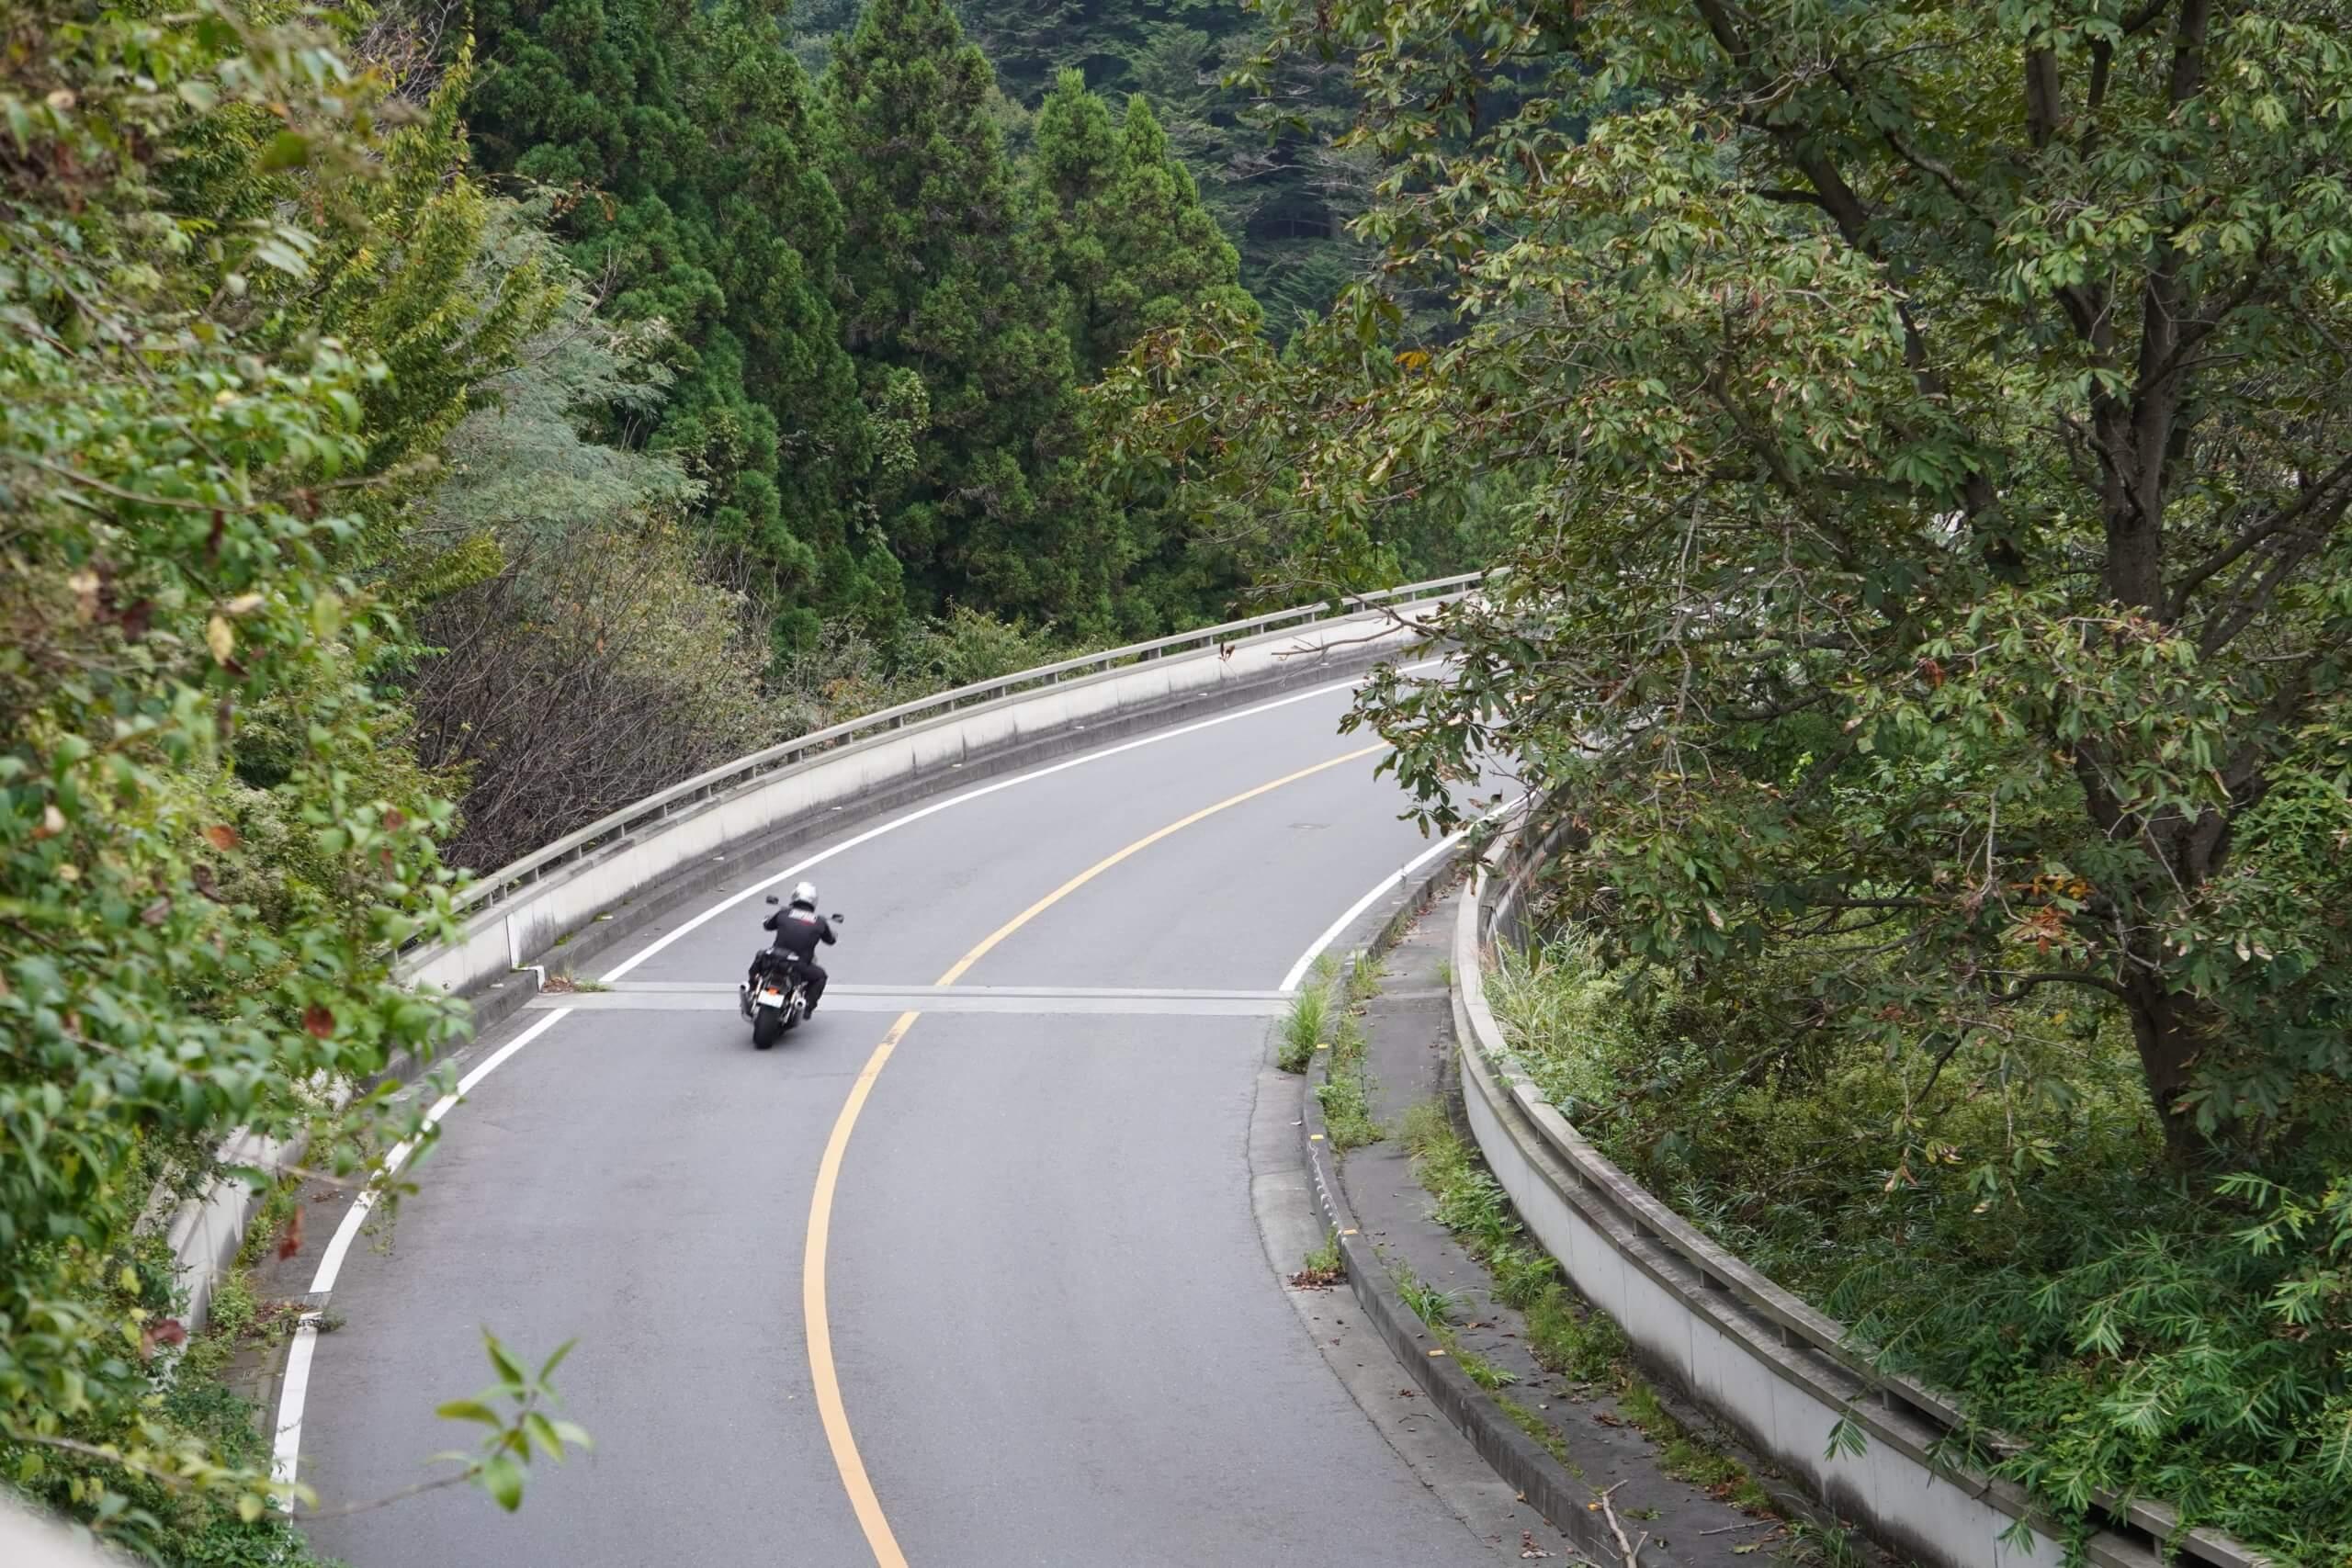 秩父ツーリング 雷電廿六木橋(ループ橋)4